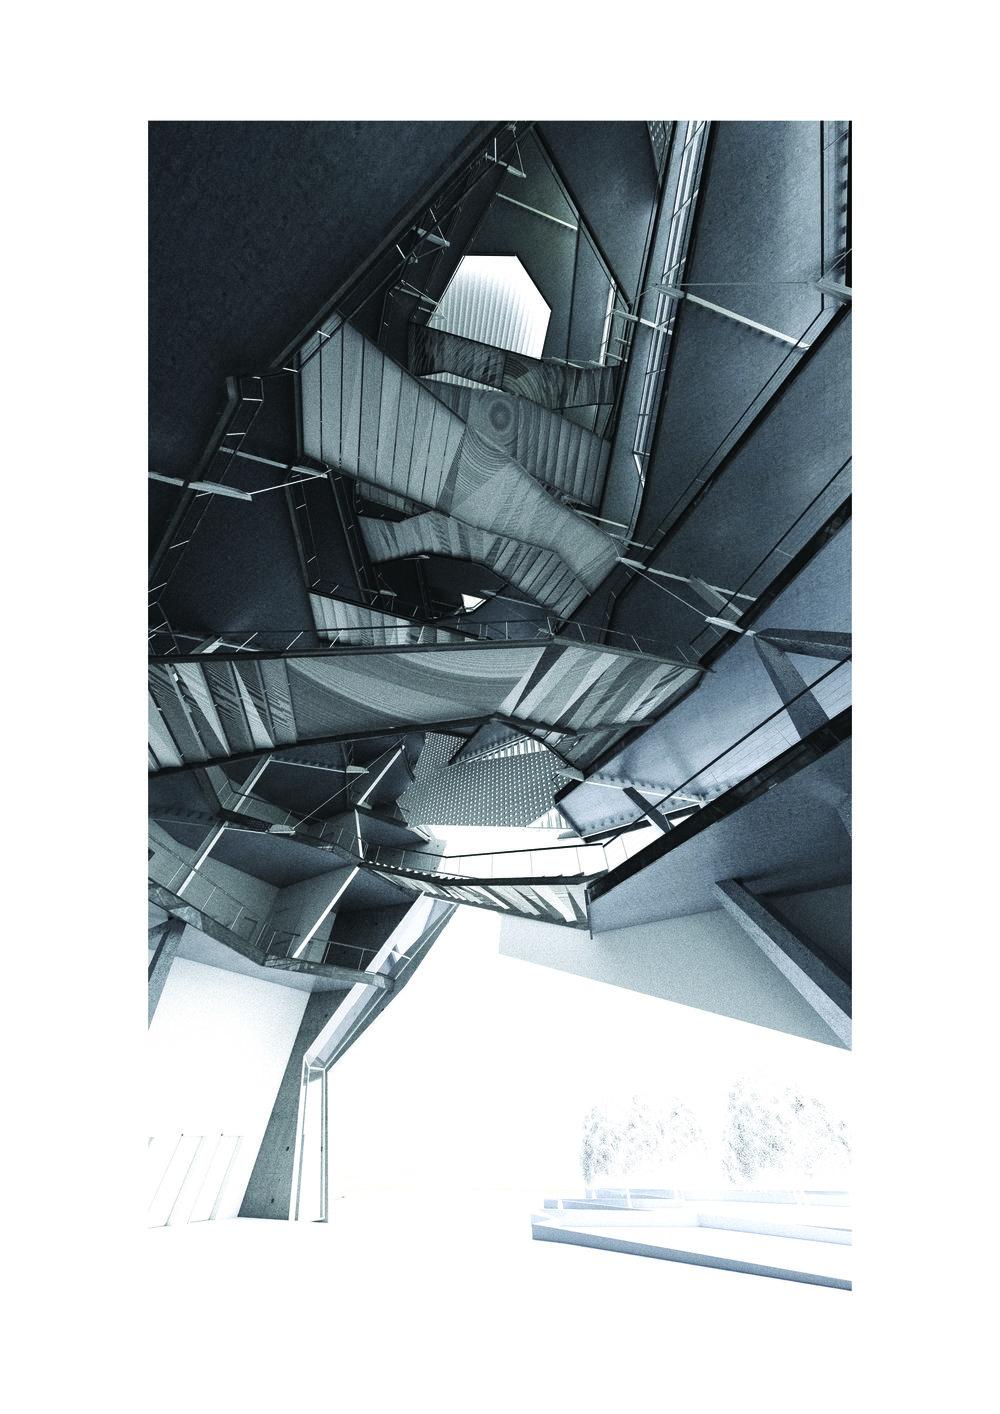 016-internal-render.jpg